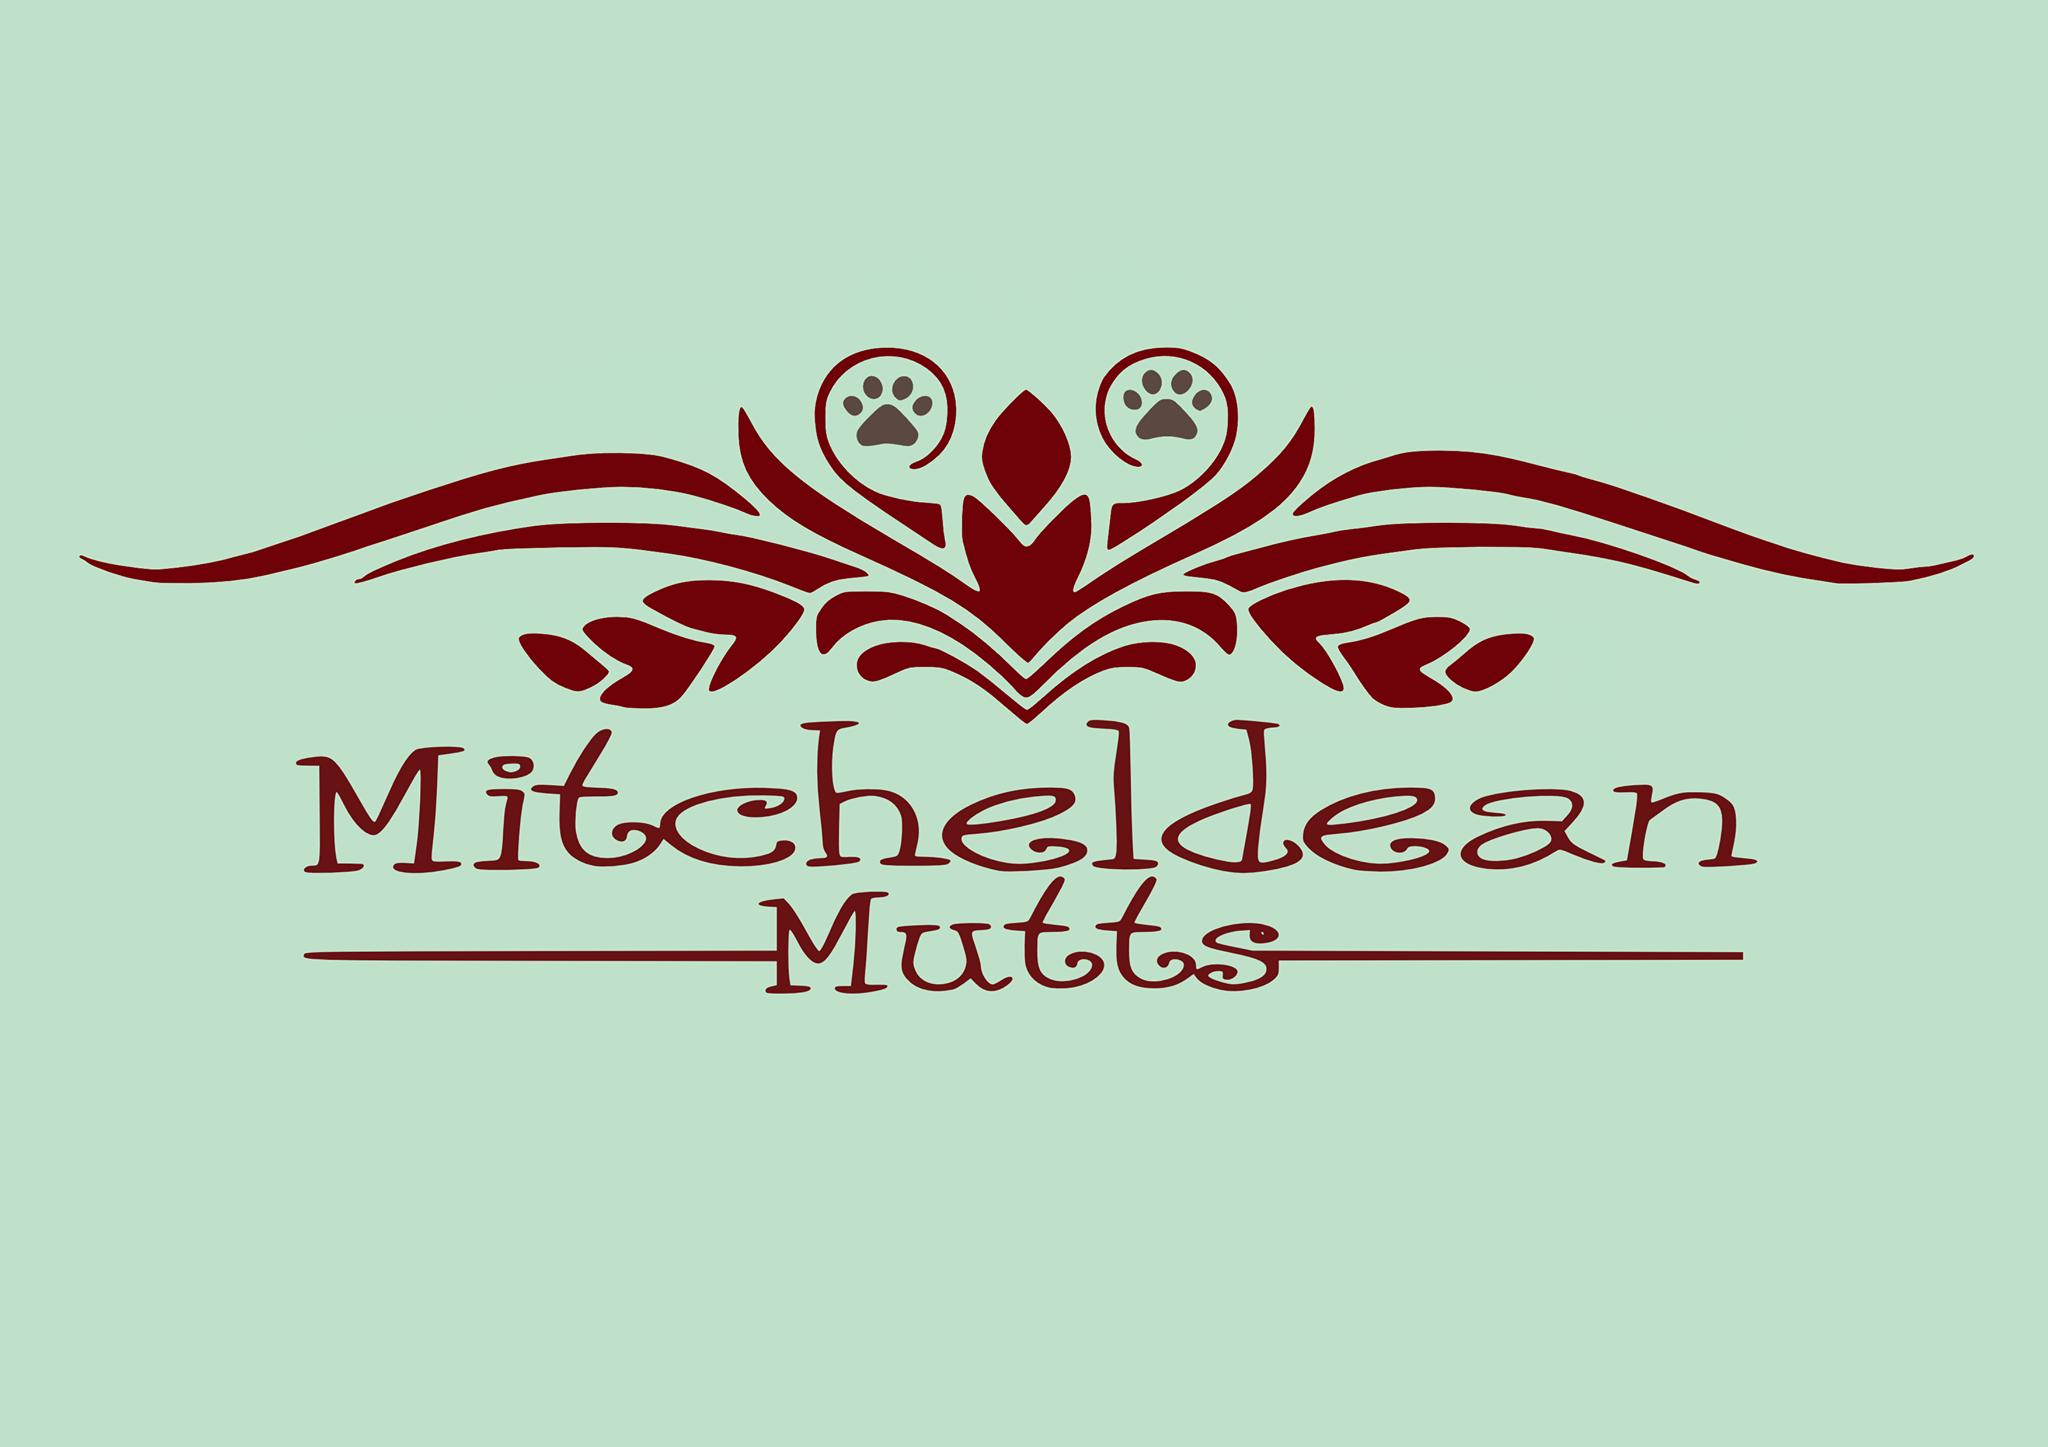 Mitcheldean Mutts